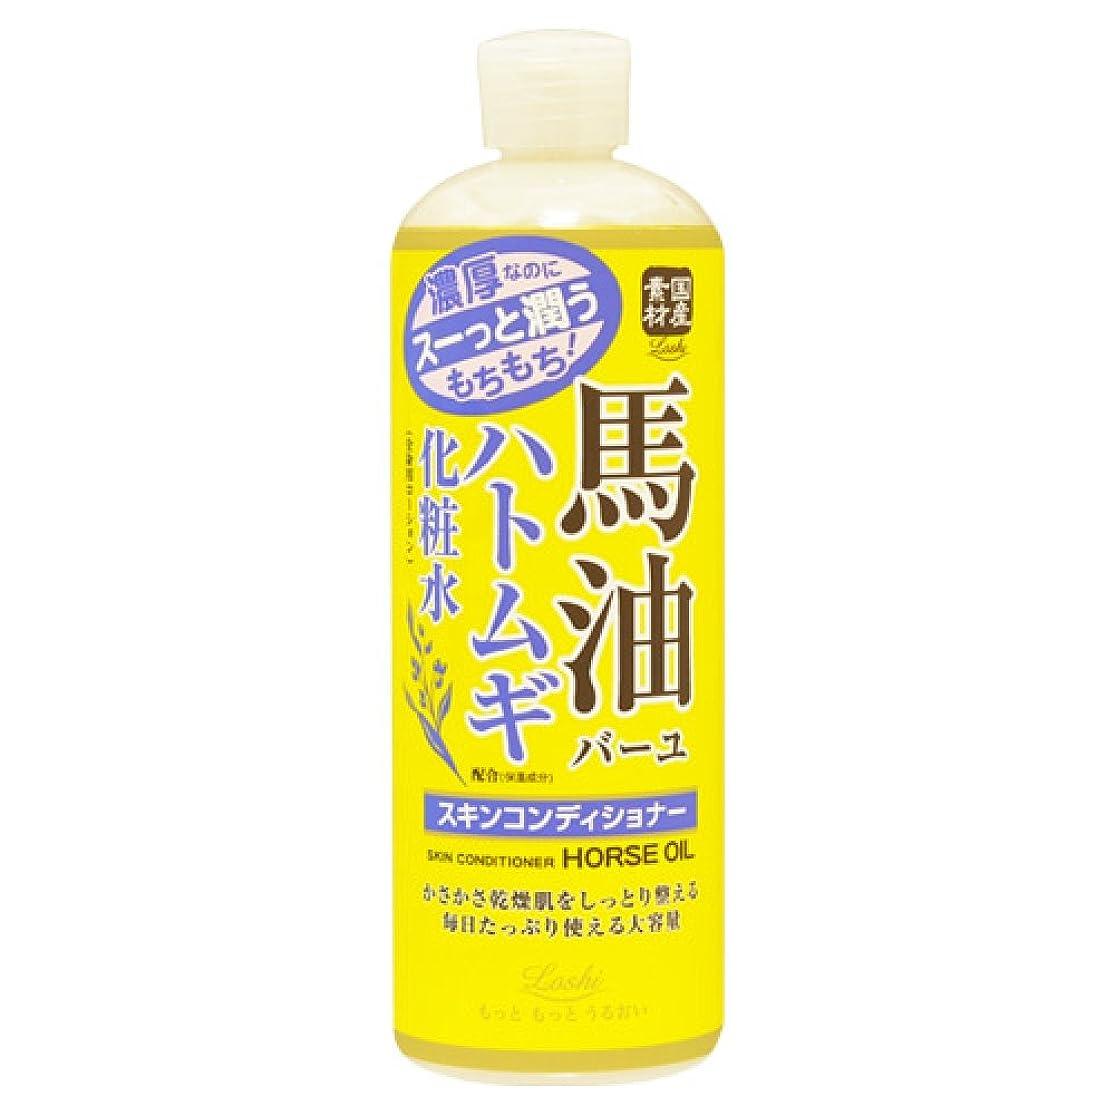 ランドマーク違反する幹ロッシモイストエイド スキンコンディショナー 馬油&ハトムギ 500ml (化粧水 ローション 高保湿)